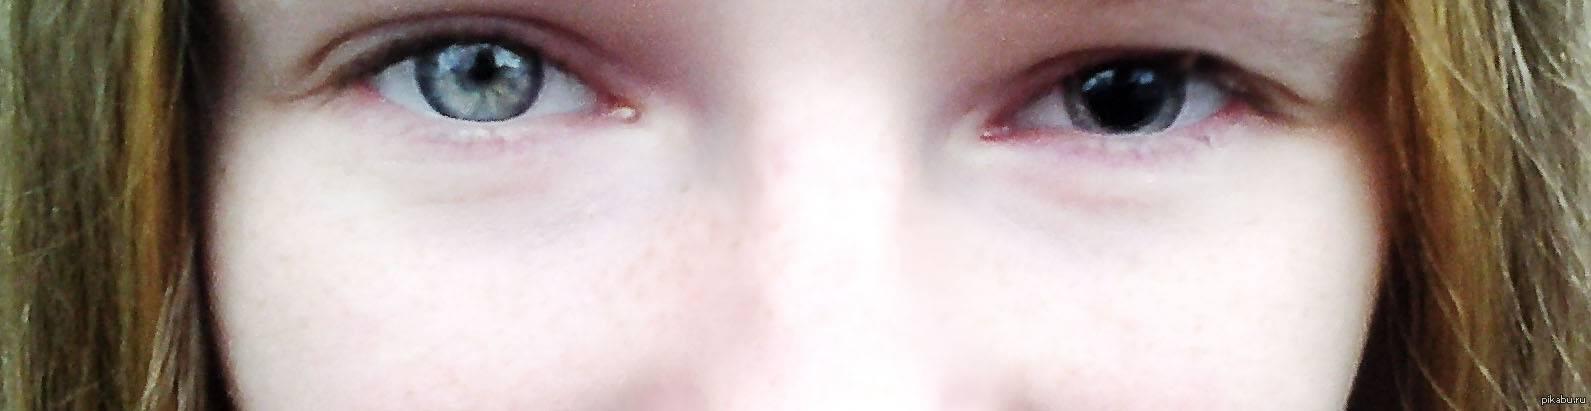 Почему темнеет в глазах, когда встаю: причины потемнения и головокружения, какие лекарства пить